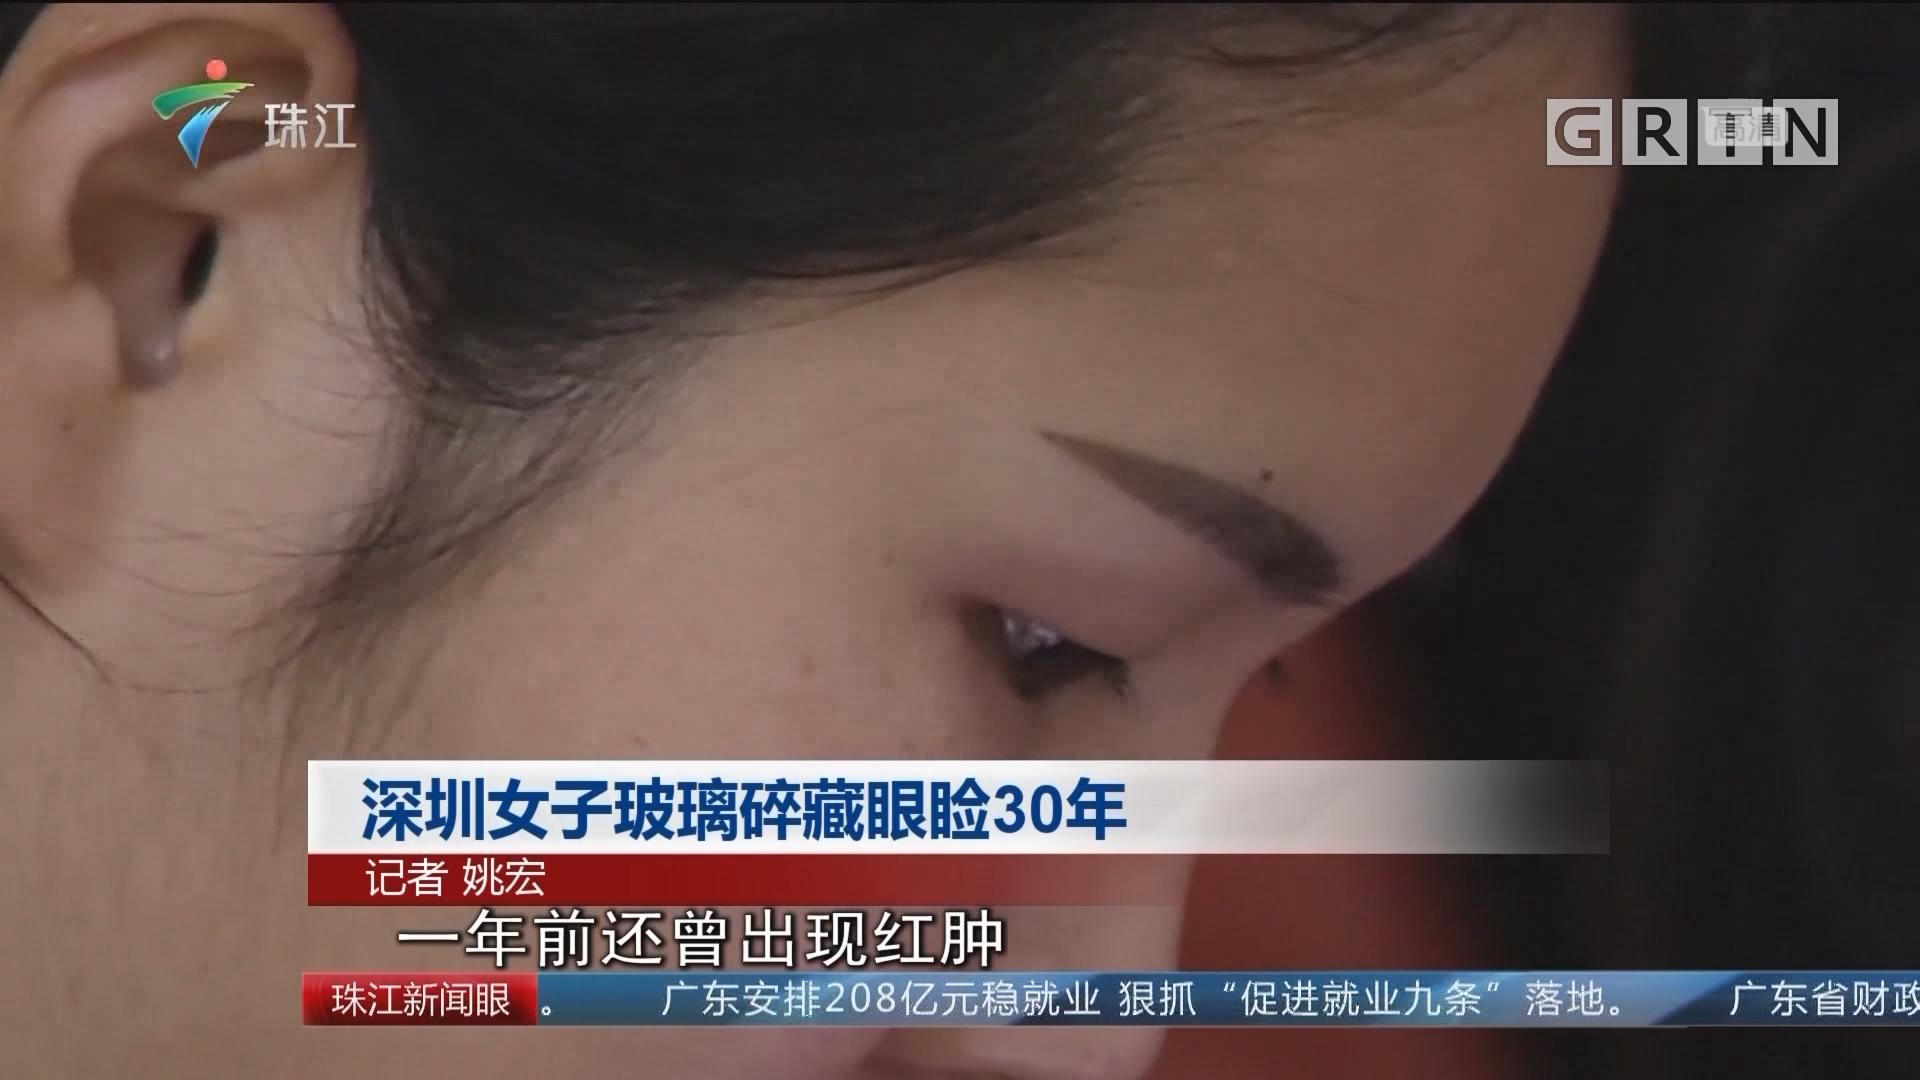 深圳女子玻璃碎藏眼睑30年